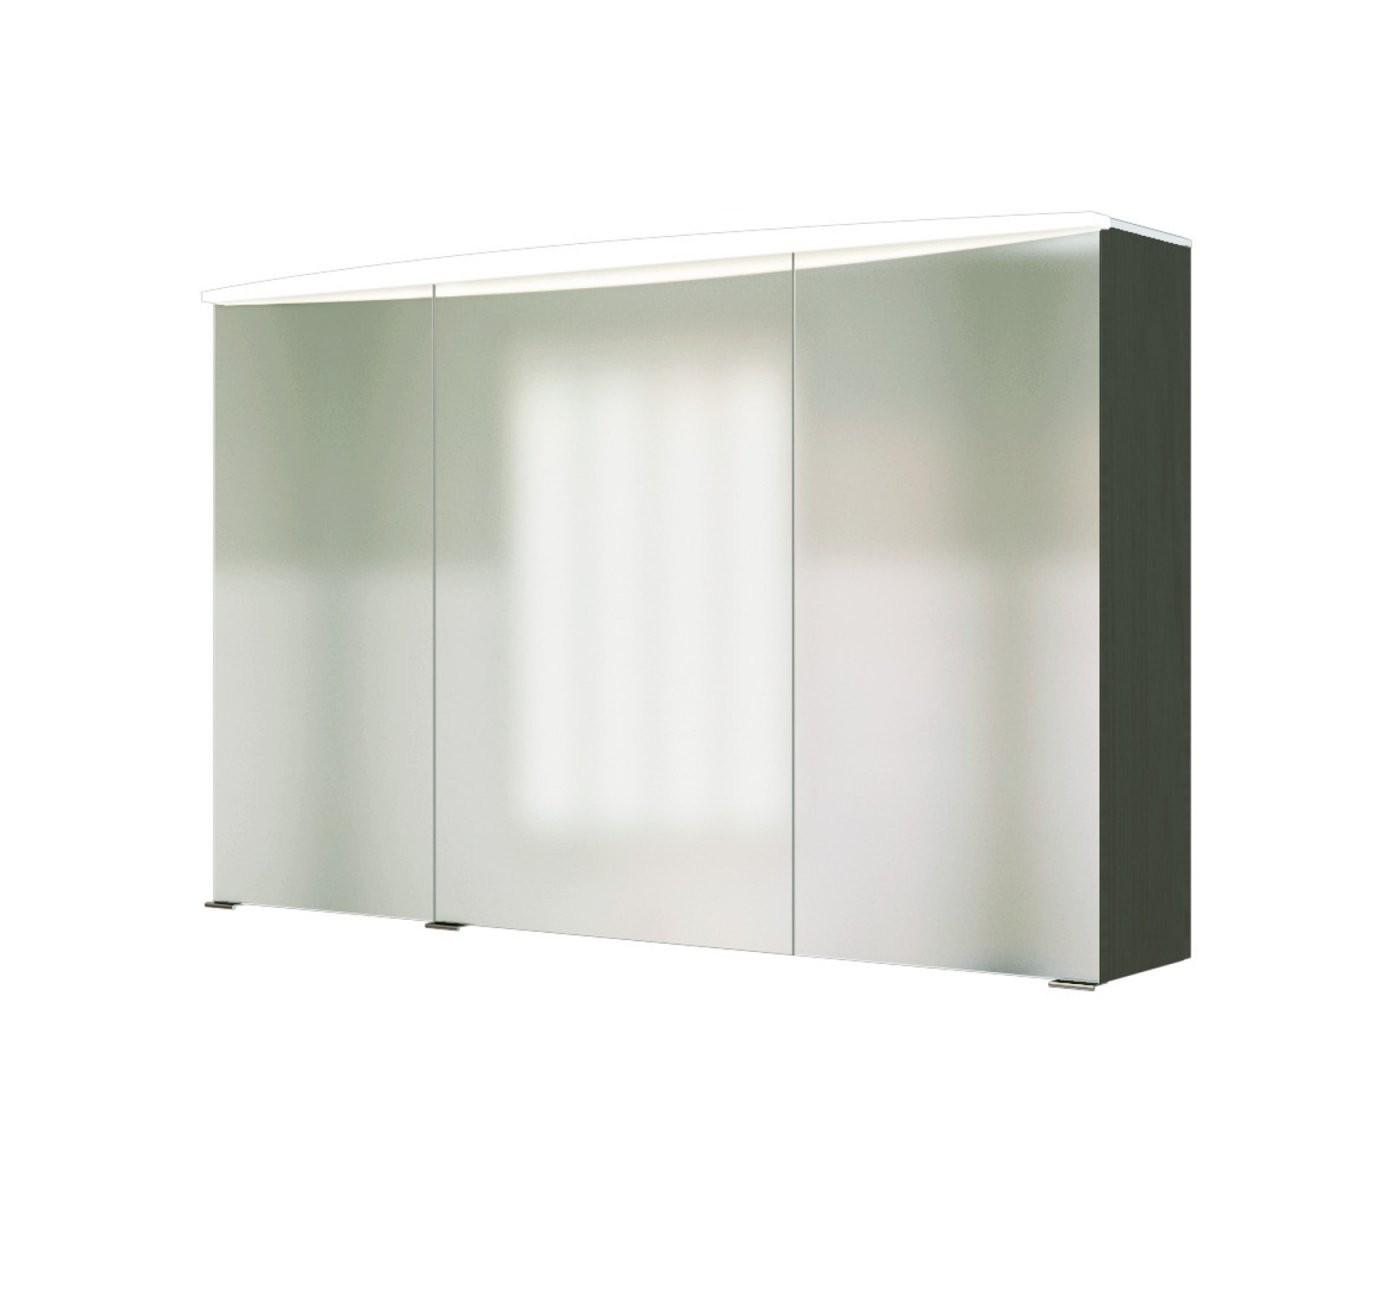 Bad Spiegelschrank  3Türig Mit Beleuchtung  100 Cm Breit von Bad Spiegelschrank 100 Cm Breit Photo